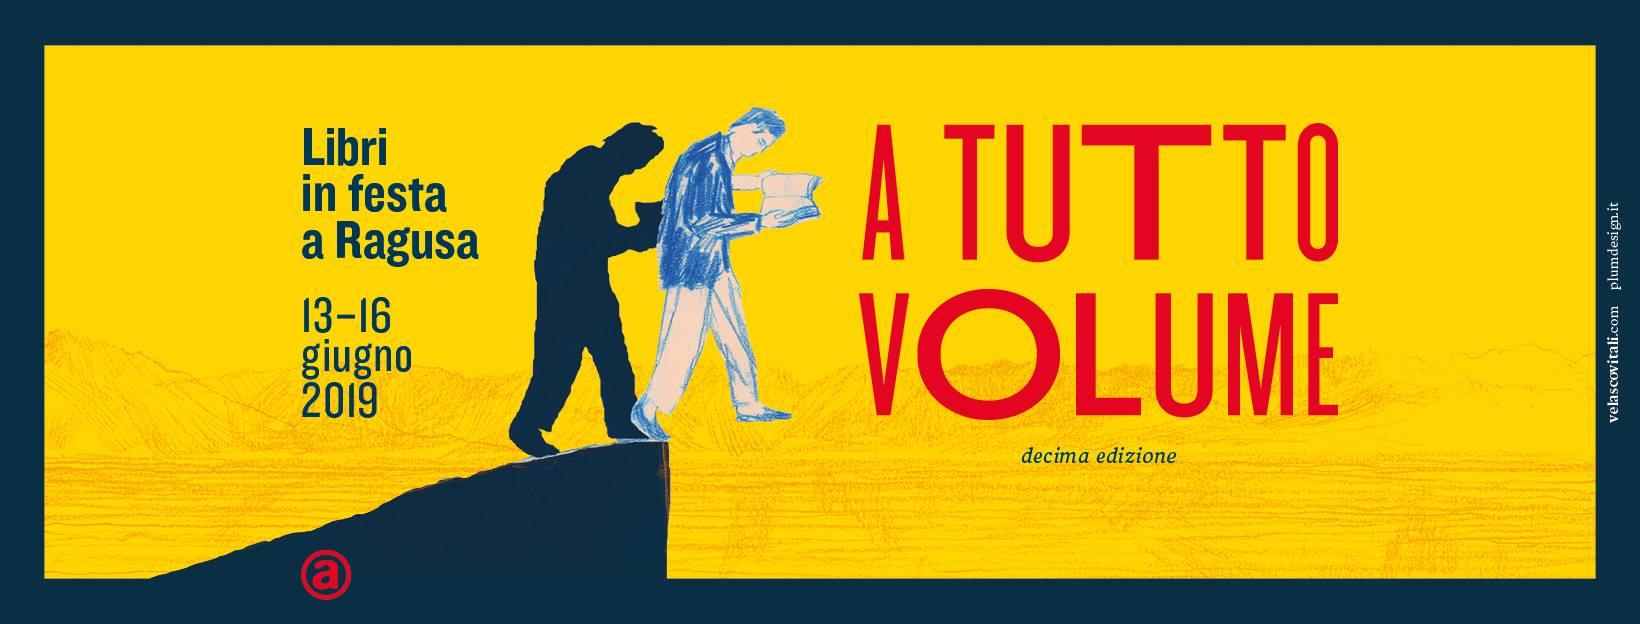 A Tutto Volume - Libri in Festa a Ragusa 13/16 giugno 2019